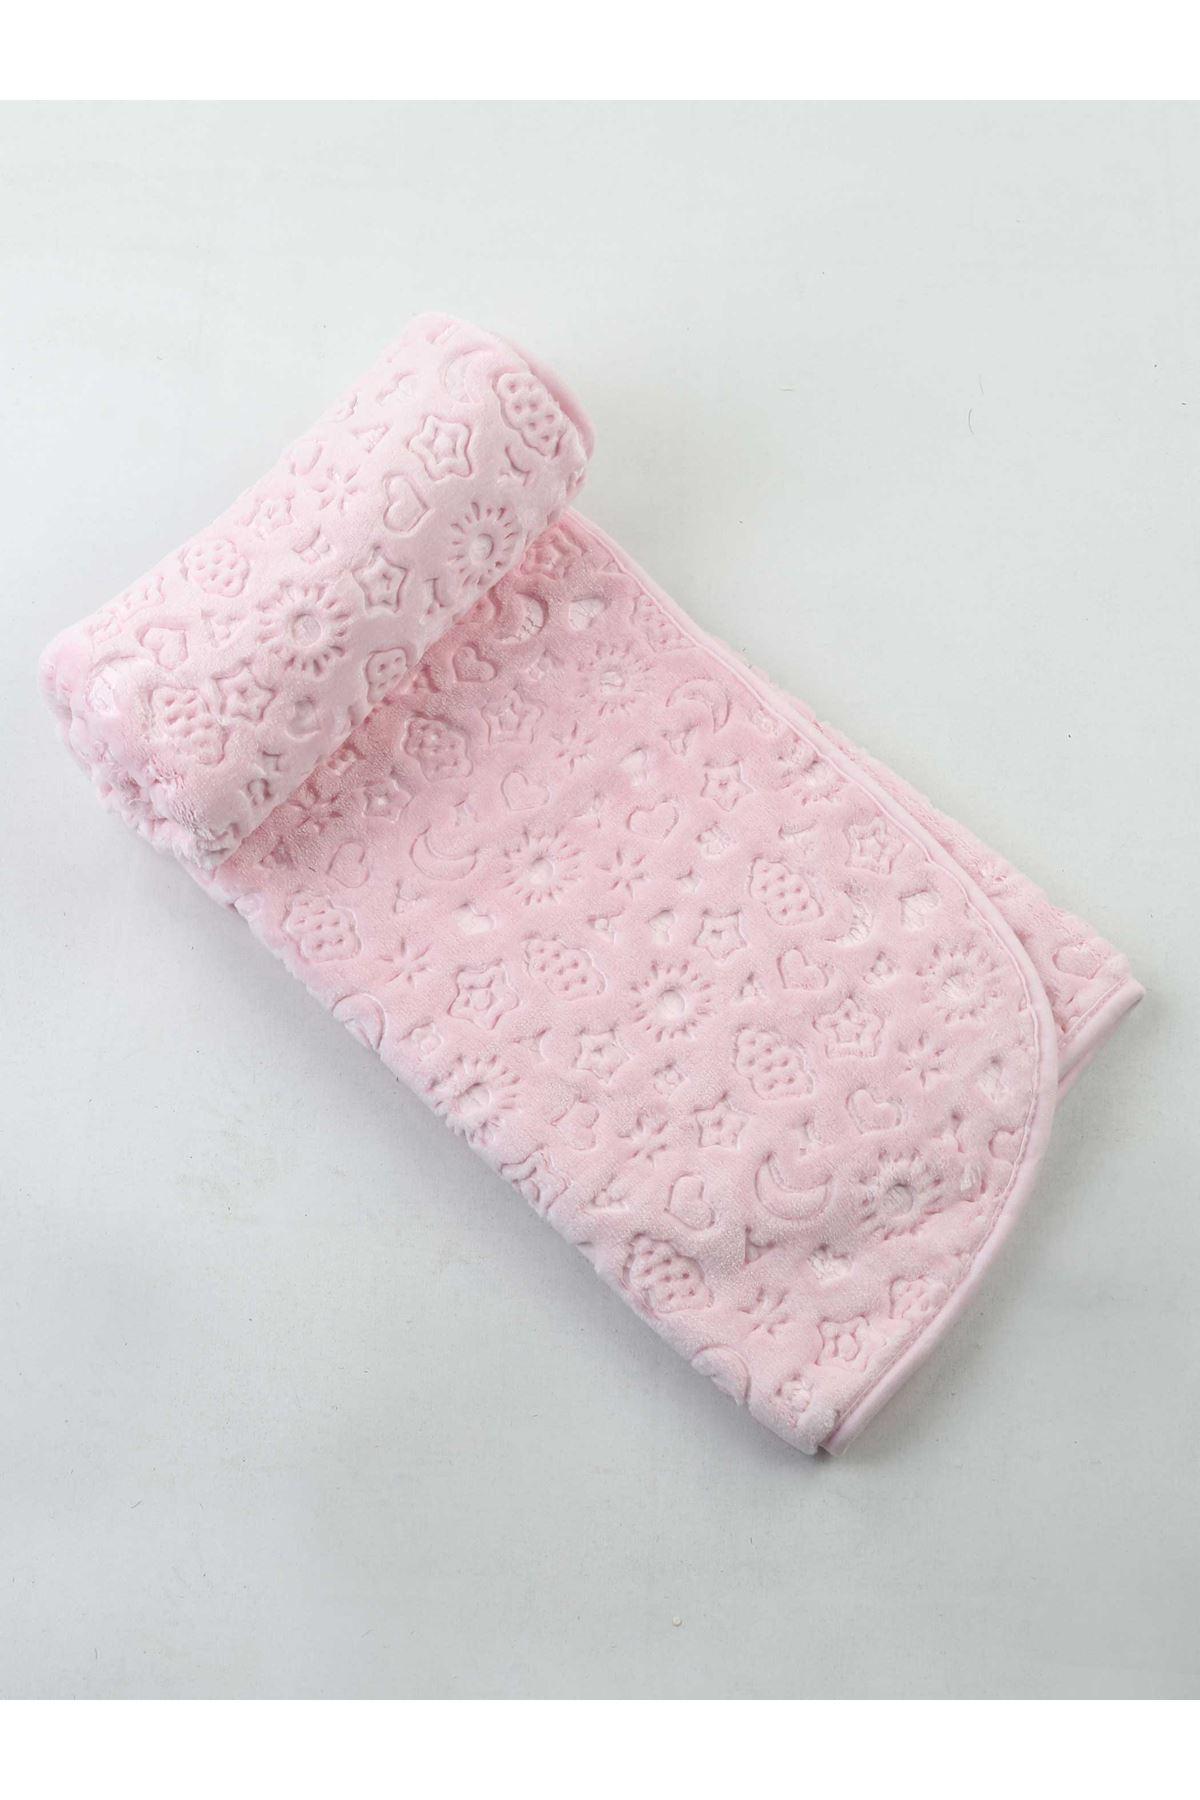 Bébé fille garçon doux couverture polaire surface nourrissons swaddle couverture coton 120x100cm relief belle peluche surface chaud protégé